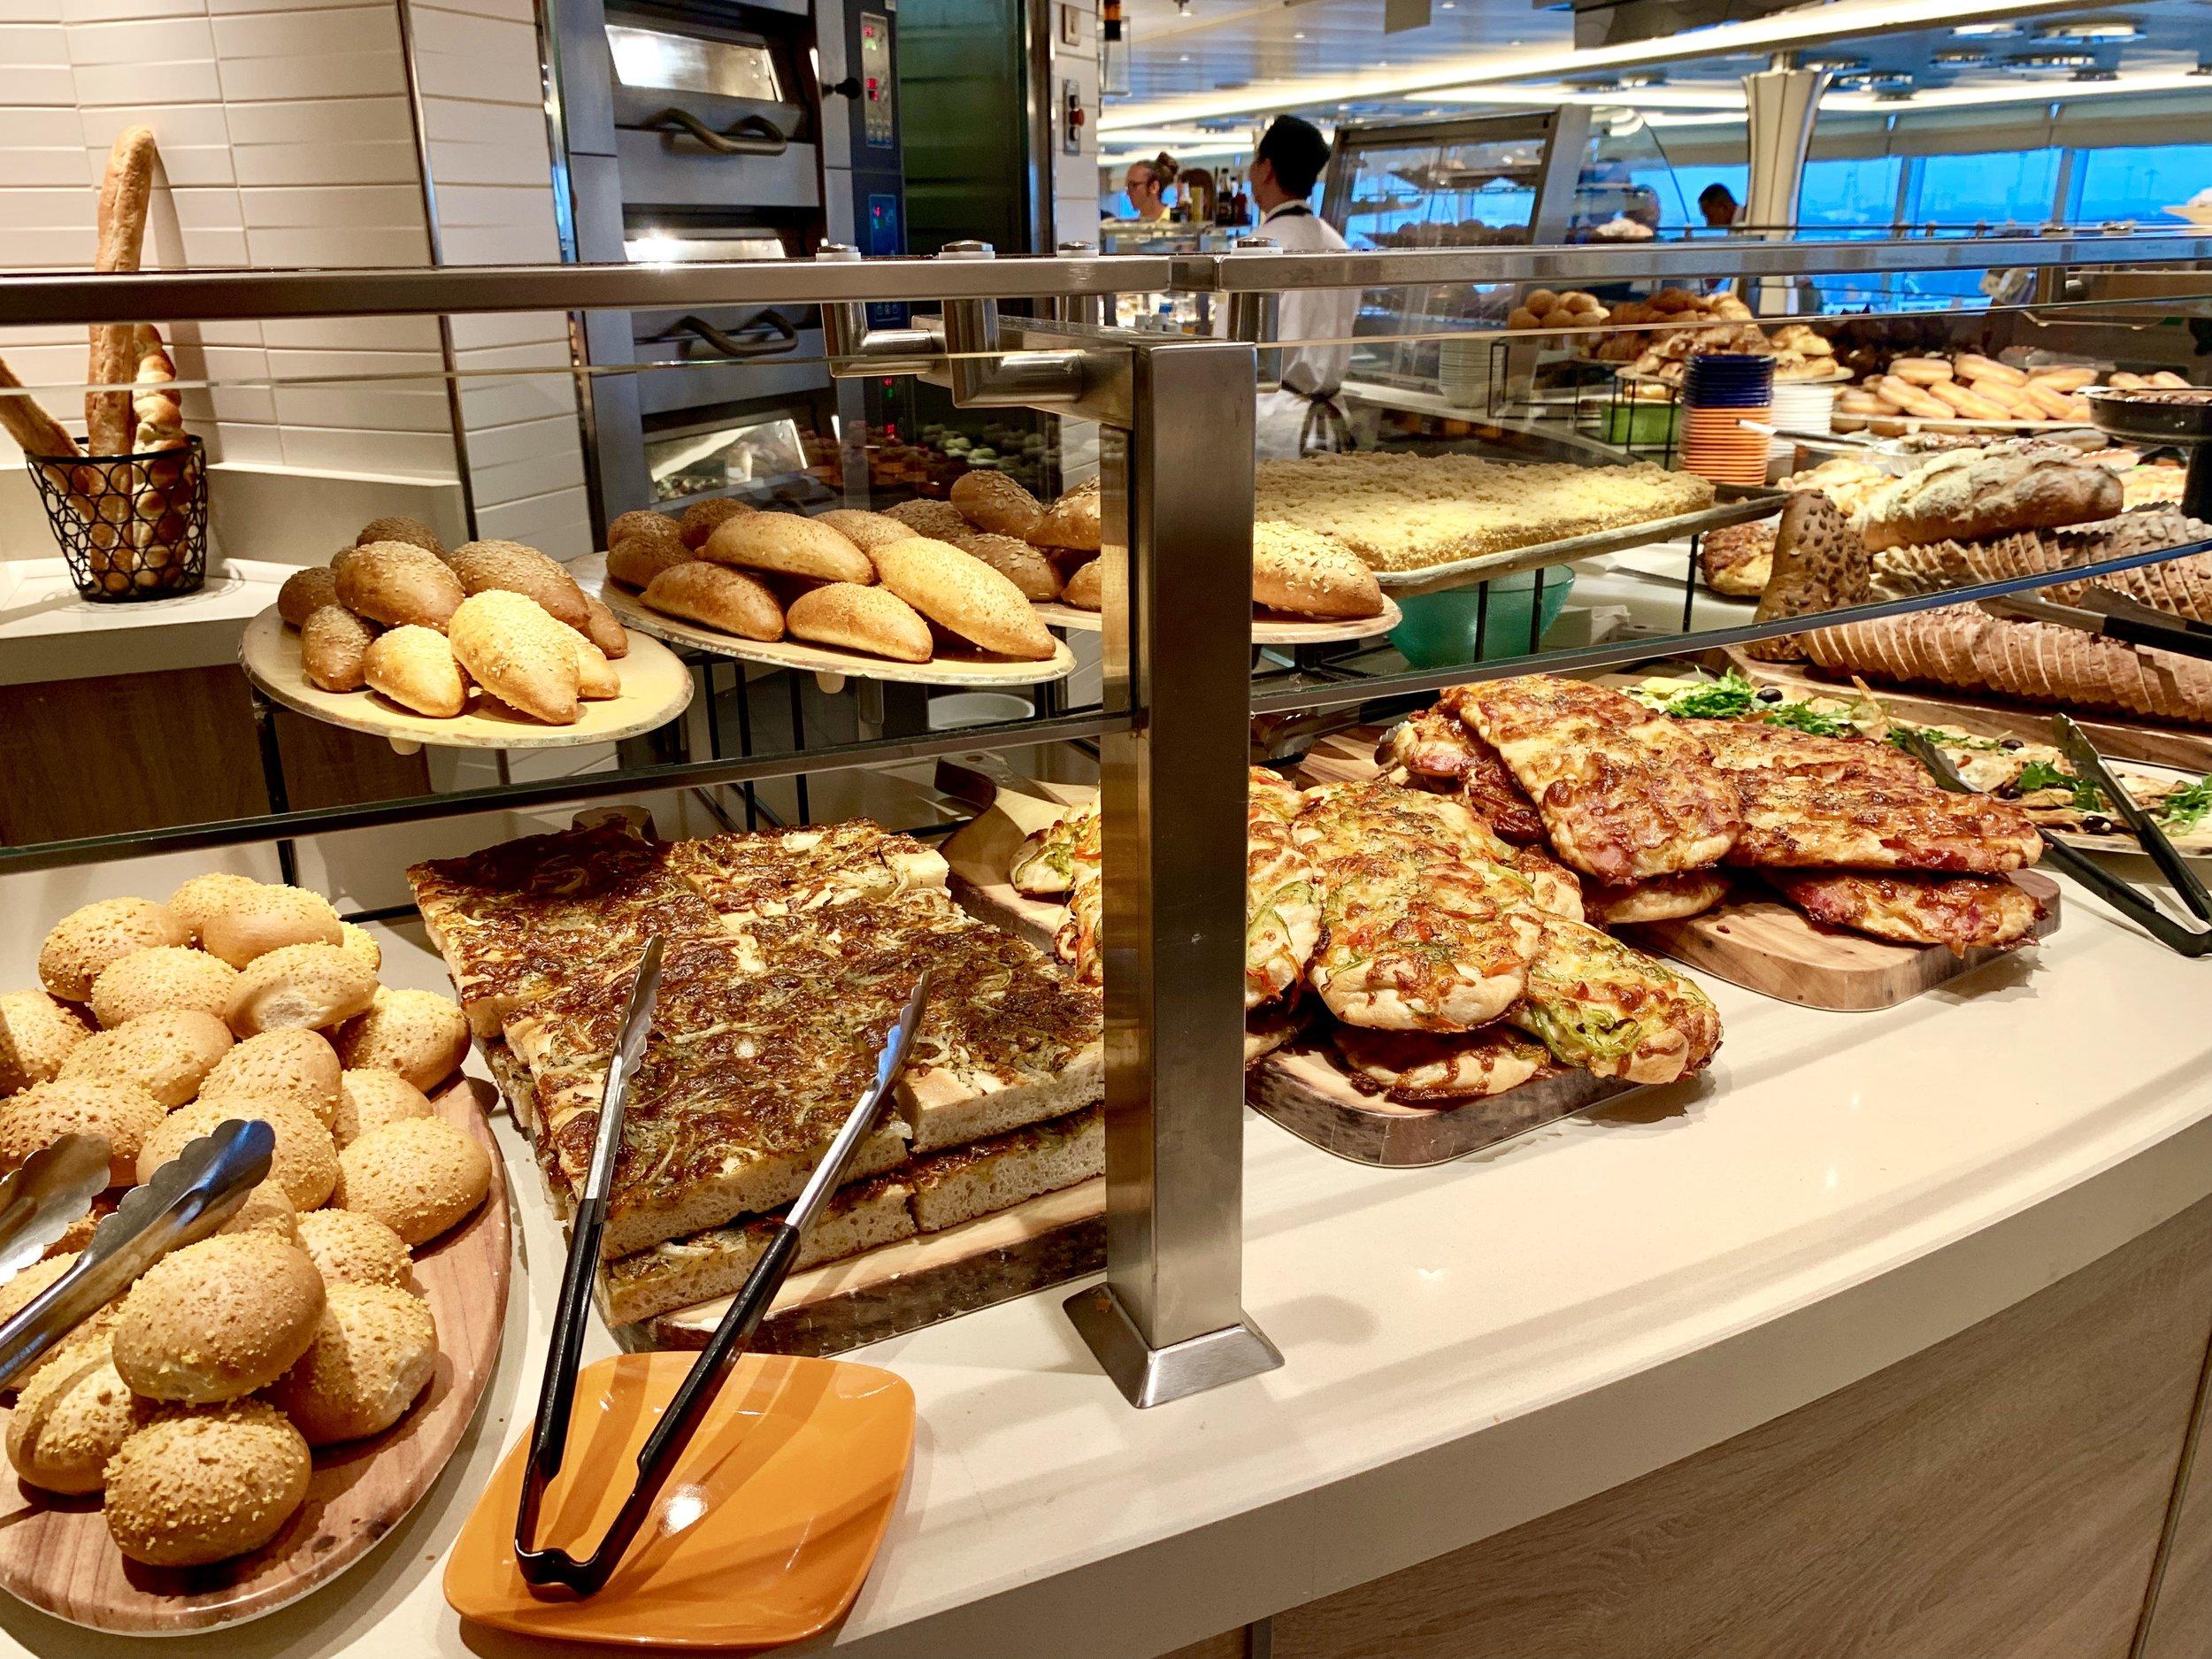 Amazing fresh bakery produce